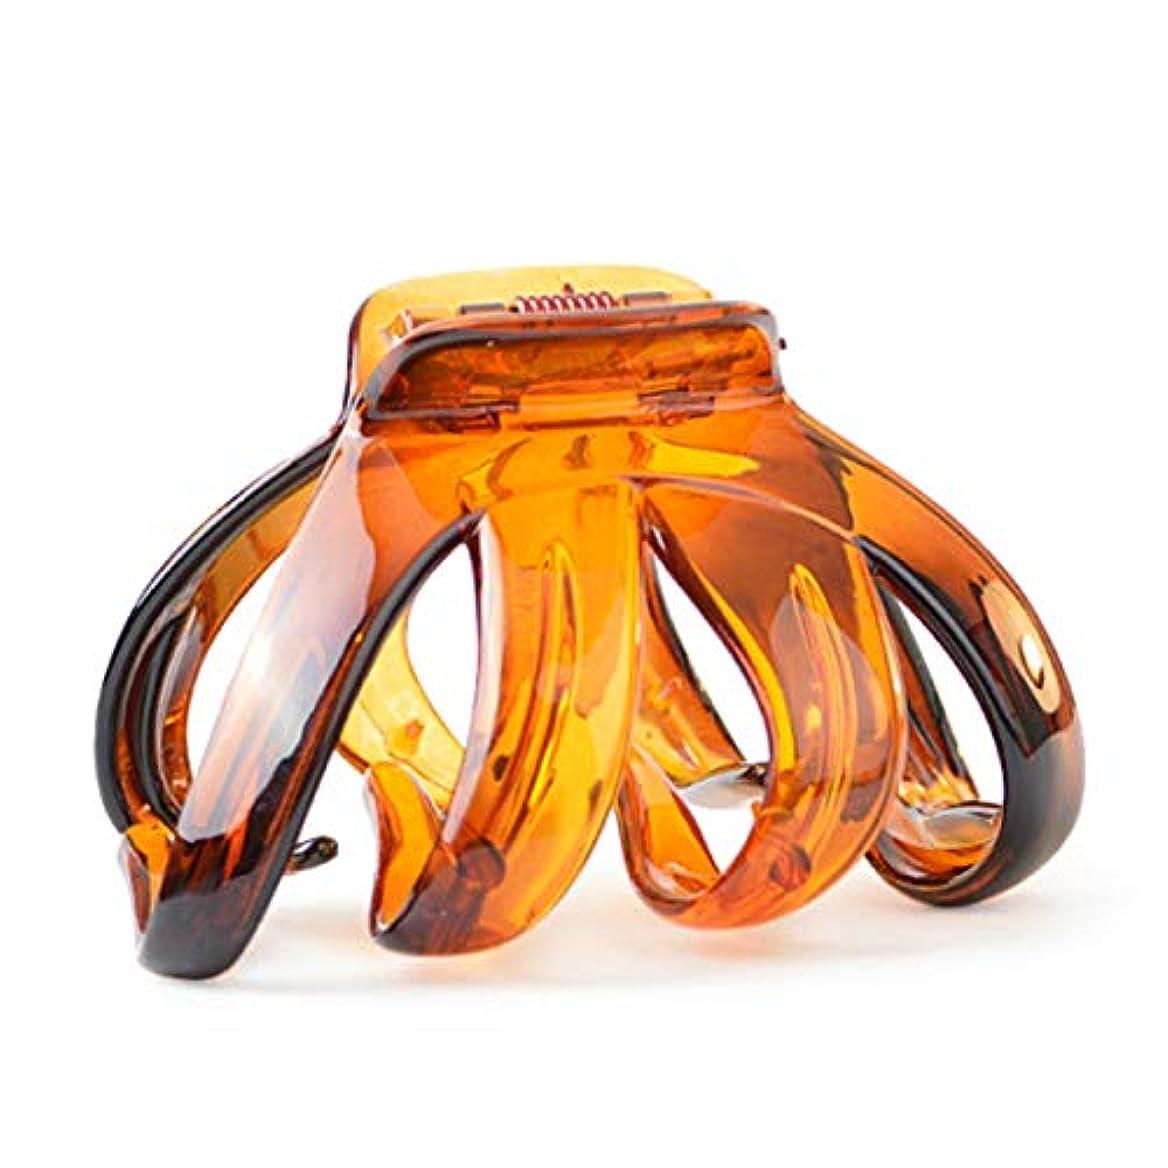 有限費用慈悲ヘアクリップ、ヘアピン、ヘアグリップ、ヘアグリップ、ヘアピングリッパー気質カラーアクリル8本爪クロークリップ入浴ヘアヘアキャッチ人気のキャッチカードヘアアクセサリーA0939アンバー、ブラック (Color : Amber...